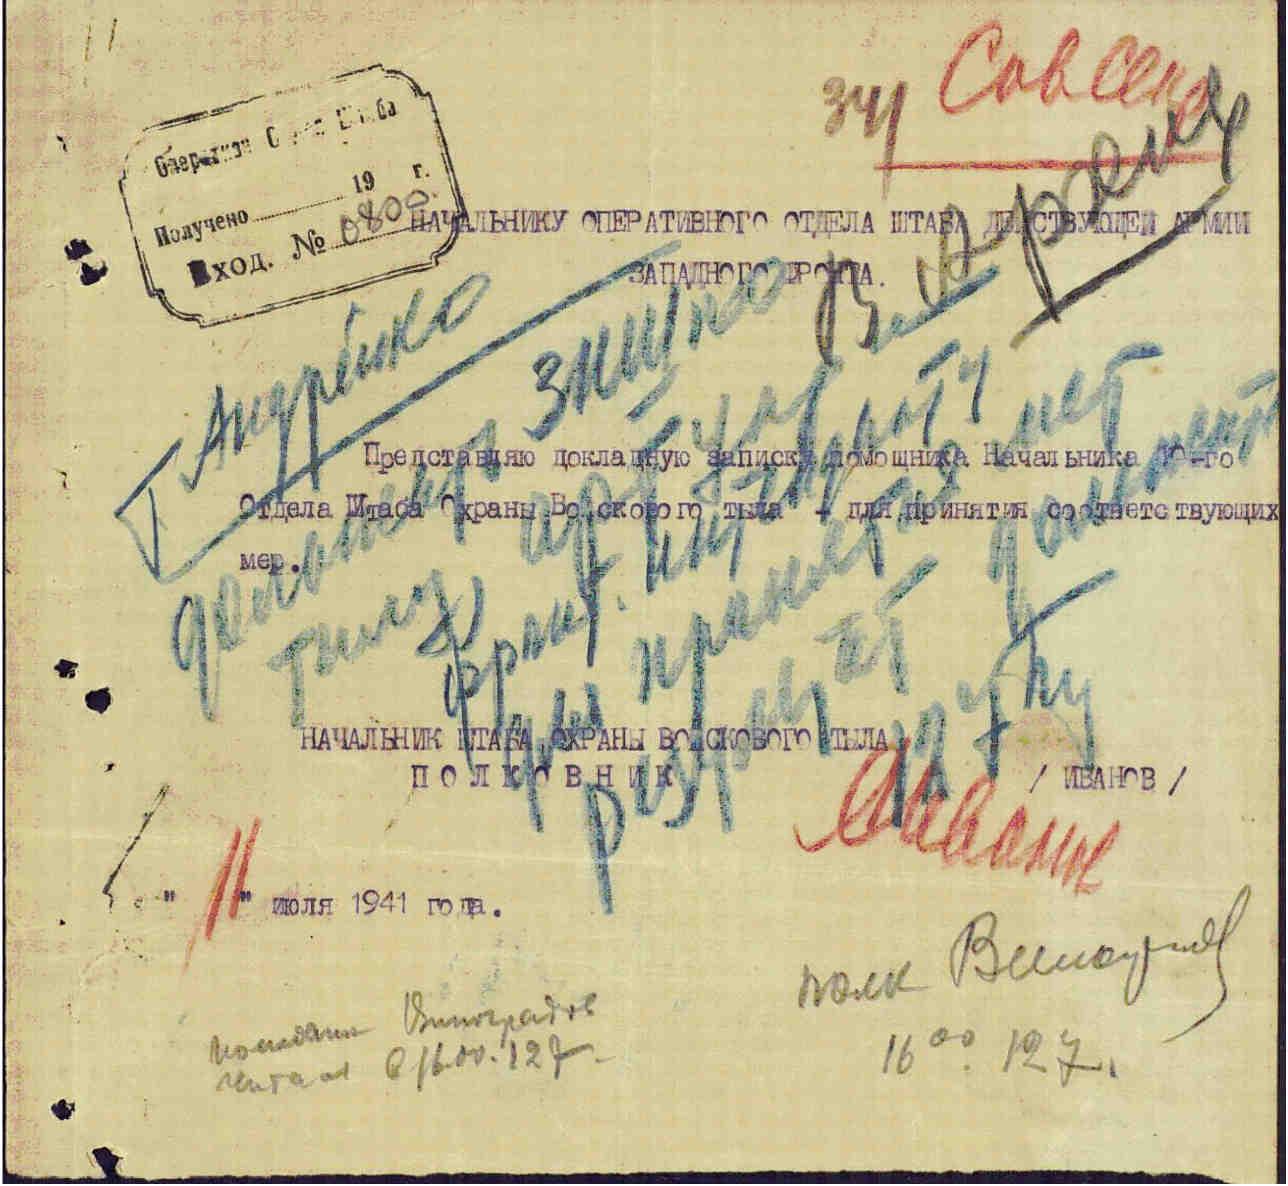 11.07.1941 Штаб охраны войскового тыла; полковник Иванов ЦАМО фонд 208 опись 2511 единица хранения 29 Номер записи в базе данных 60404377